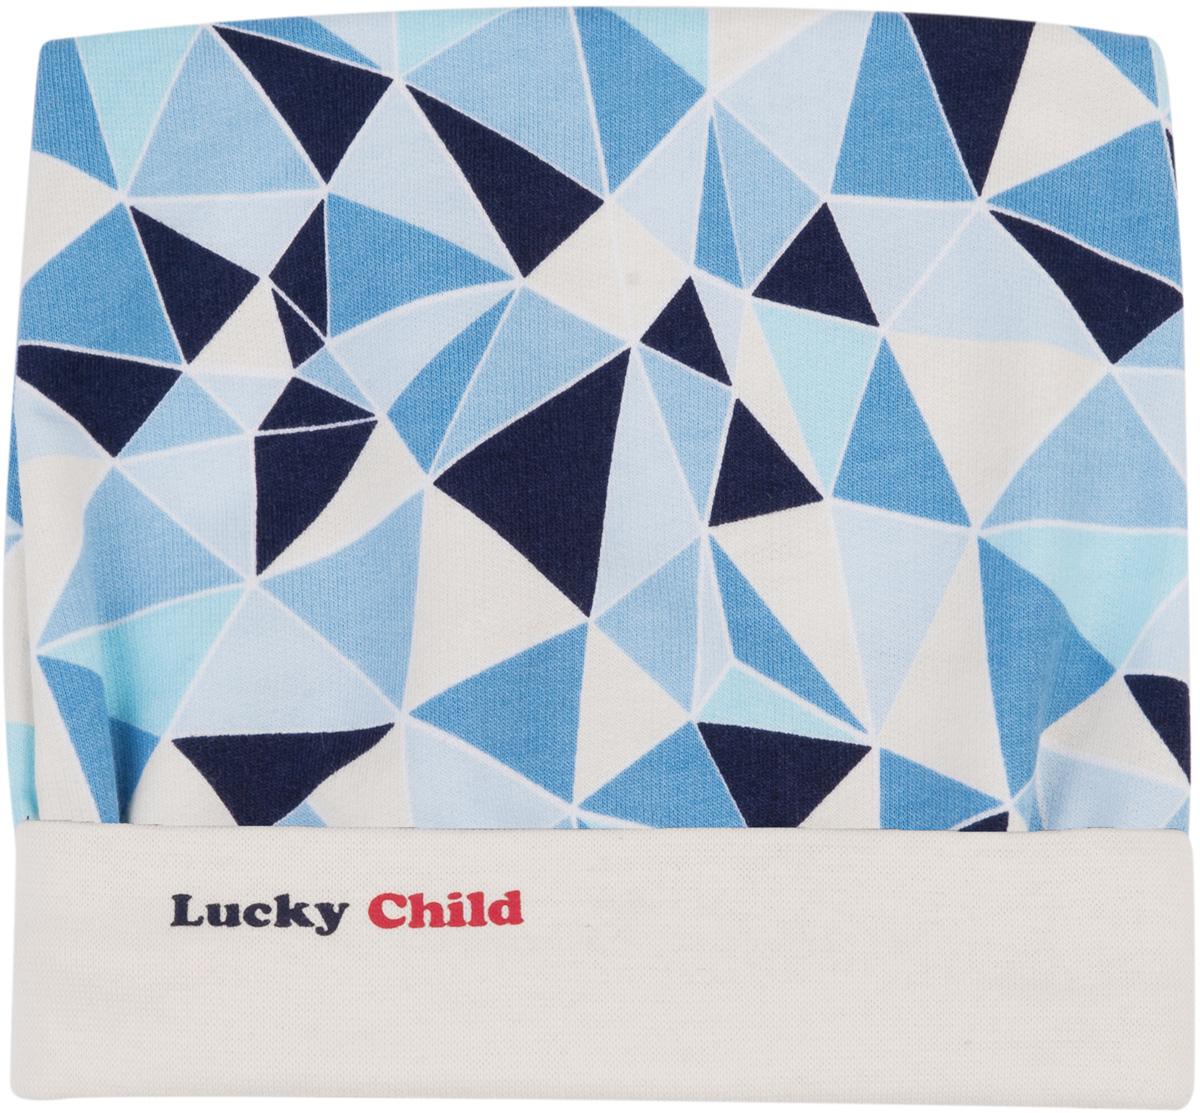 Шапочка для мальчика Lucky Child, цвет: голубой, синий. 32-9. Размер 4232-9Шапочка выполнена из мягкого интерлока высшего качества, благодаря этому она будет держать форму и не выцветать. Резиночки этой модели хорошо прилегают к личику малыша и обеспечивают защиту ушек от ветра и холода.